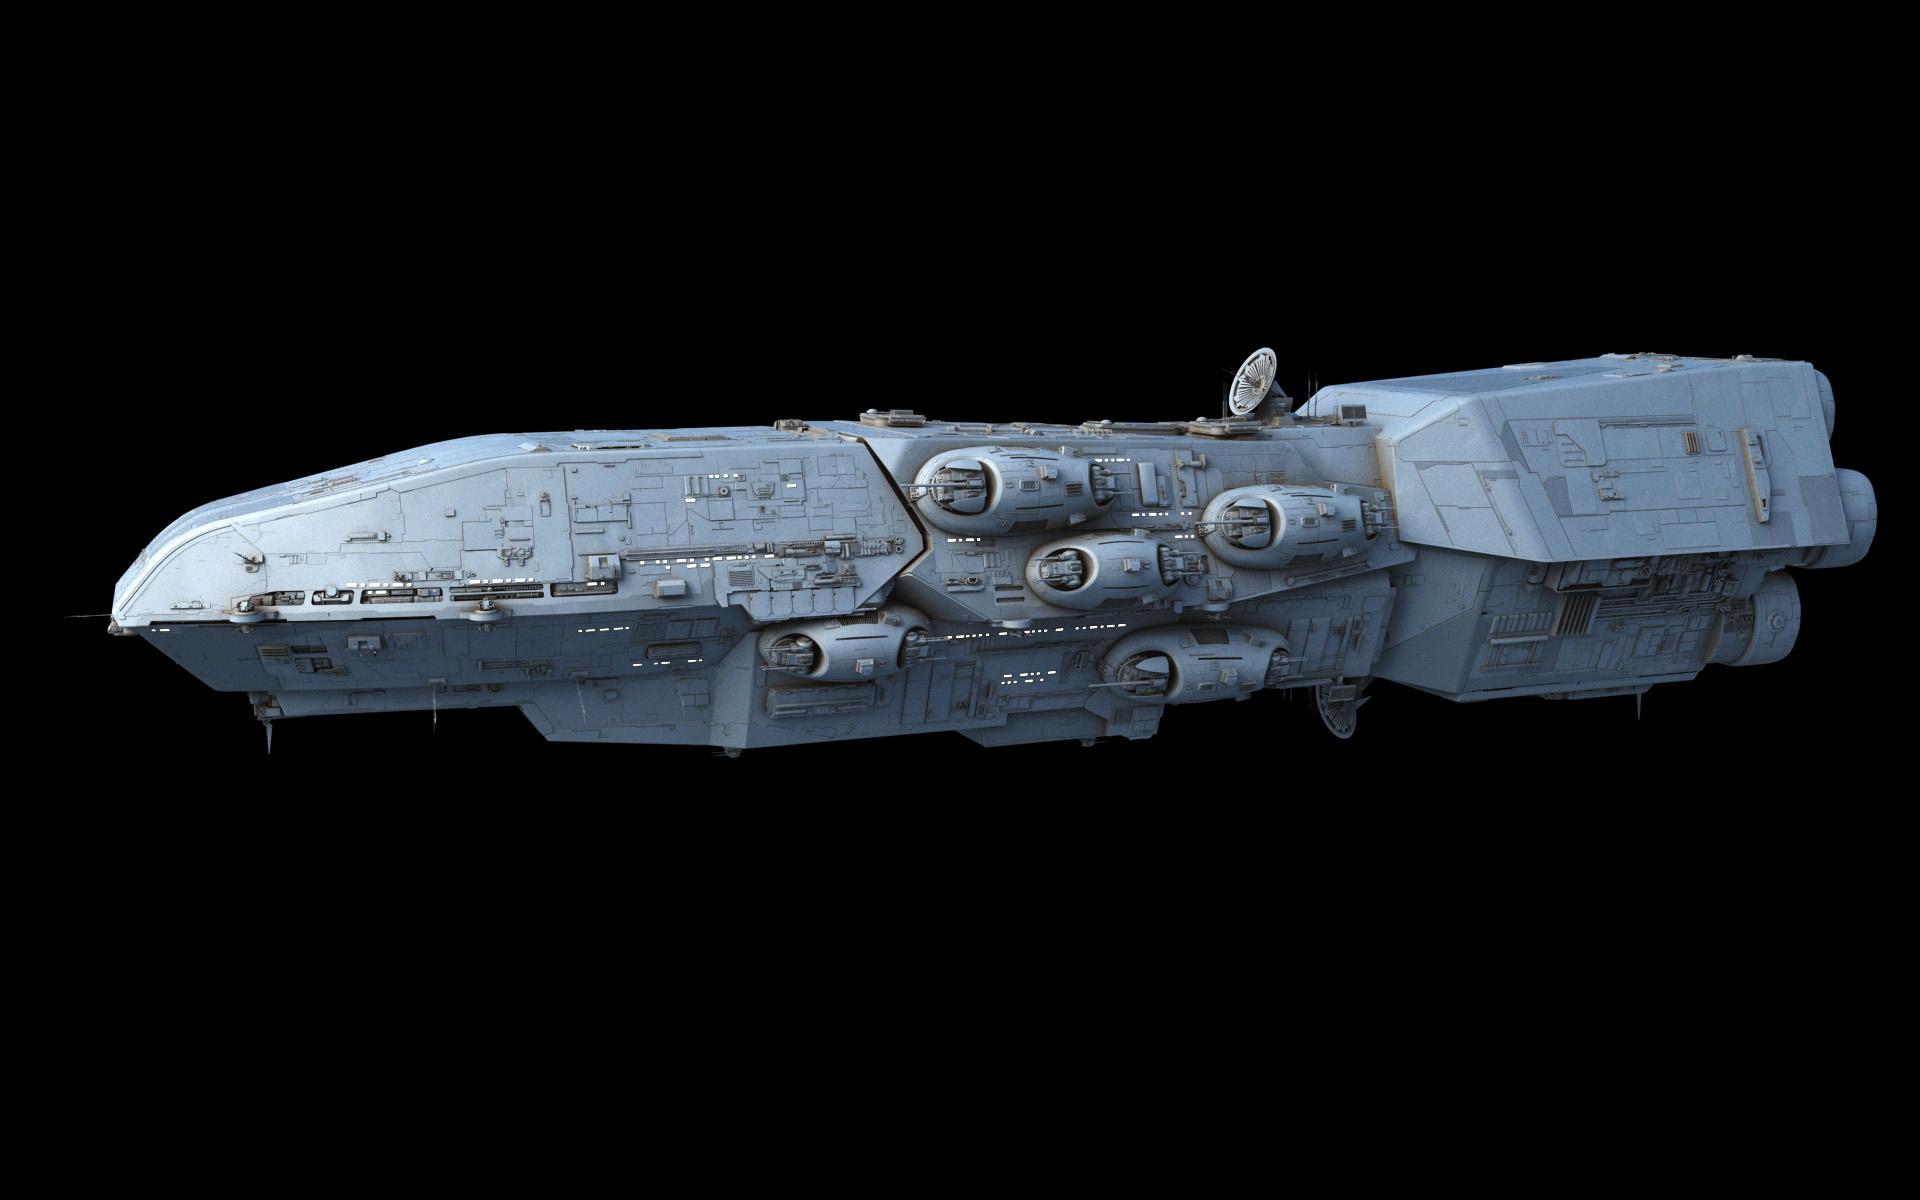 Bildergebnis für dreadnought star Wars